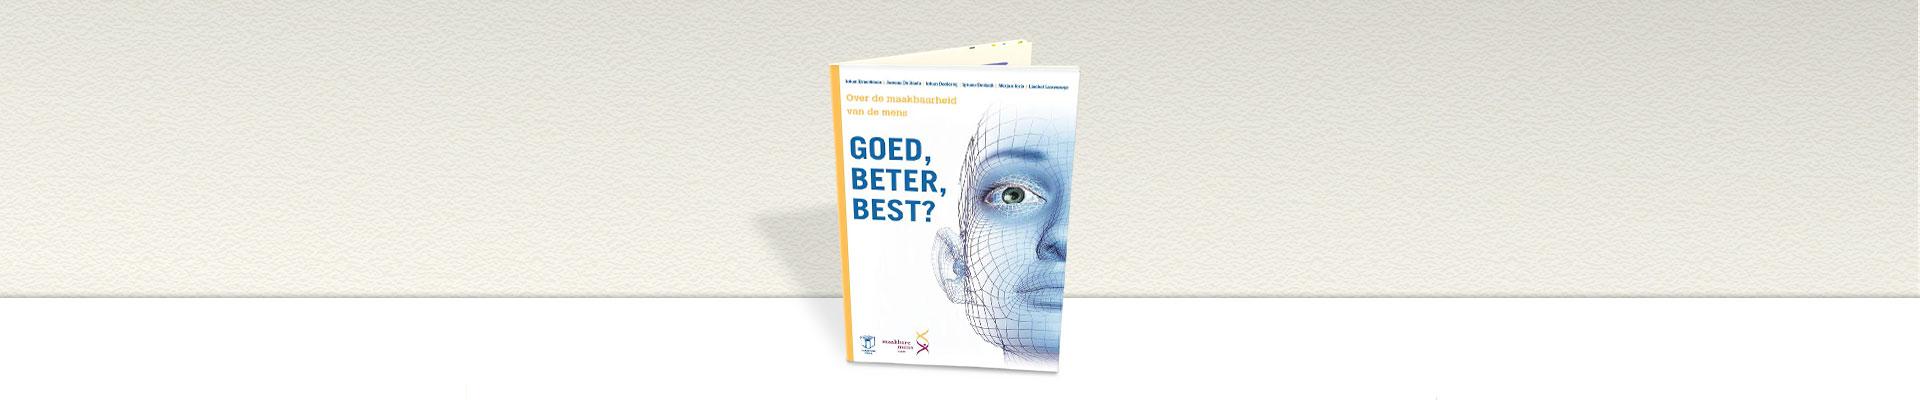 Boek 'Goed, beter, best? Over de maakbaarheid van de mens'